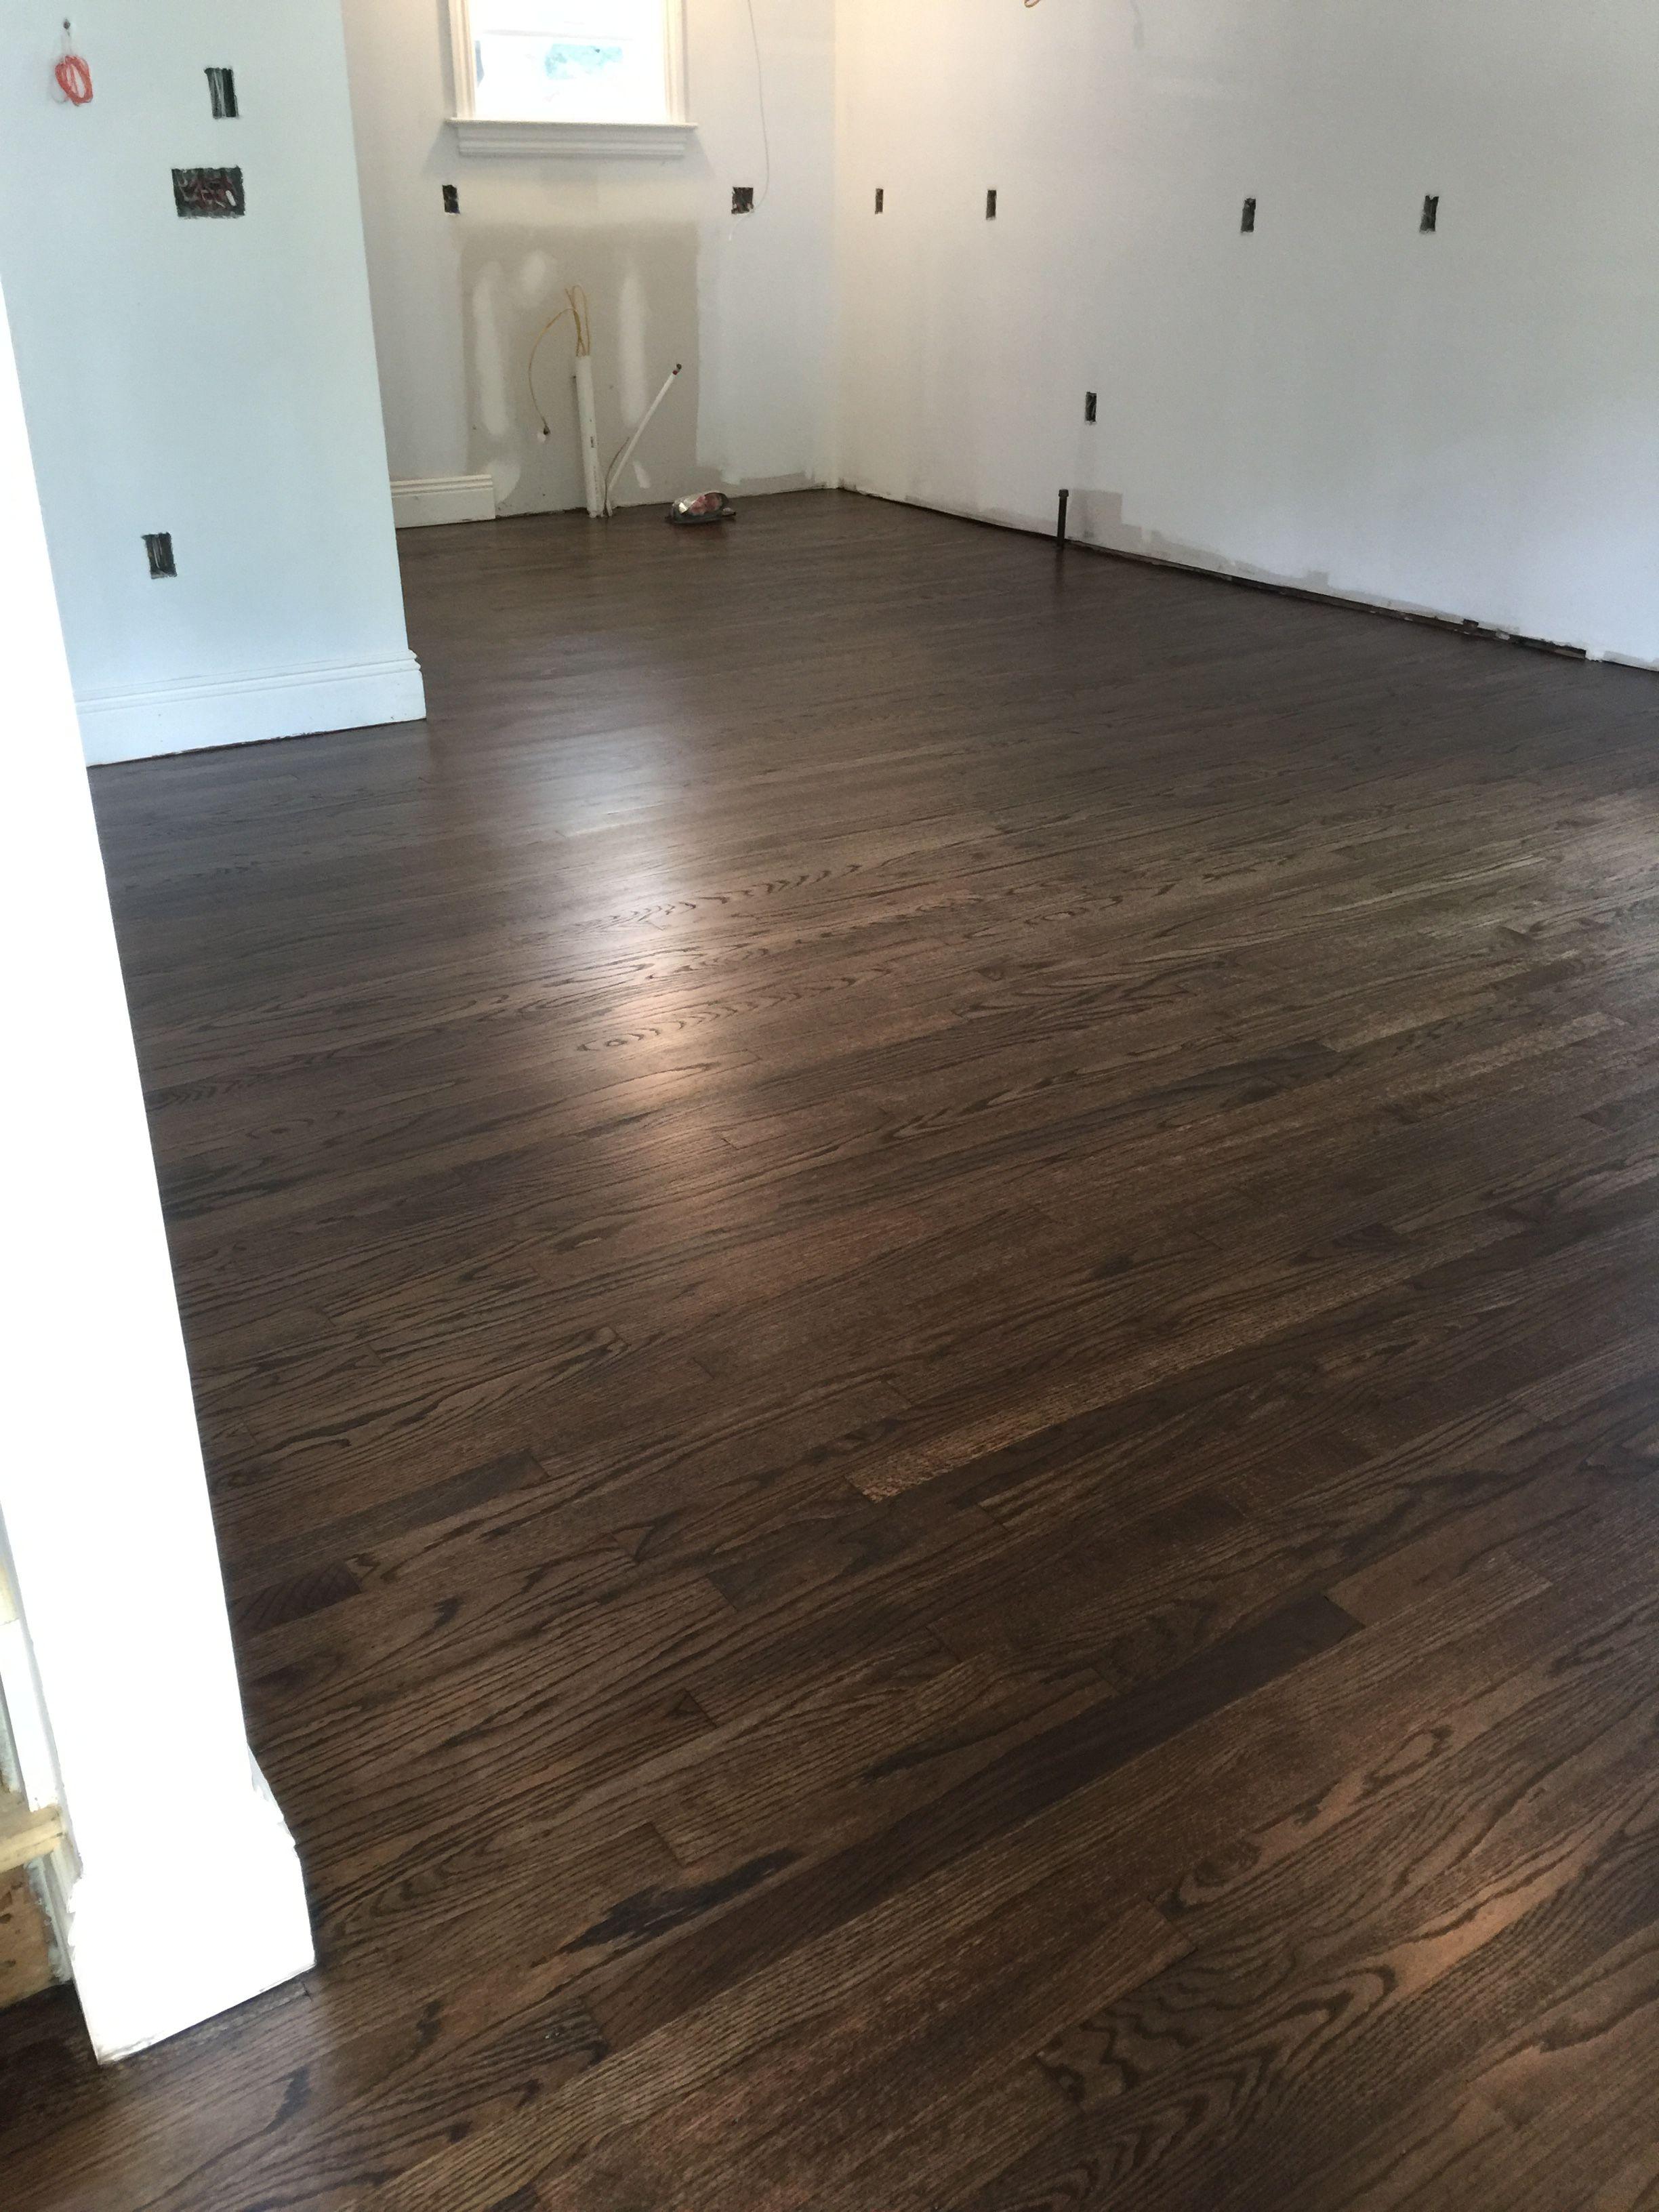 Jacobean stain on white oak … Hardwood floor stain